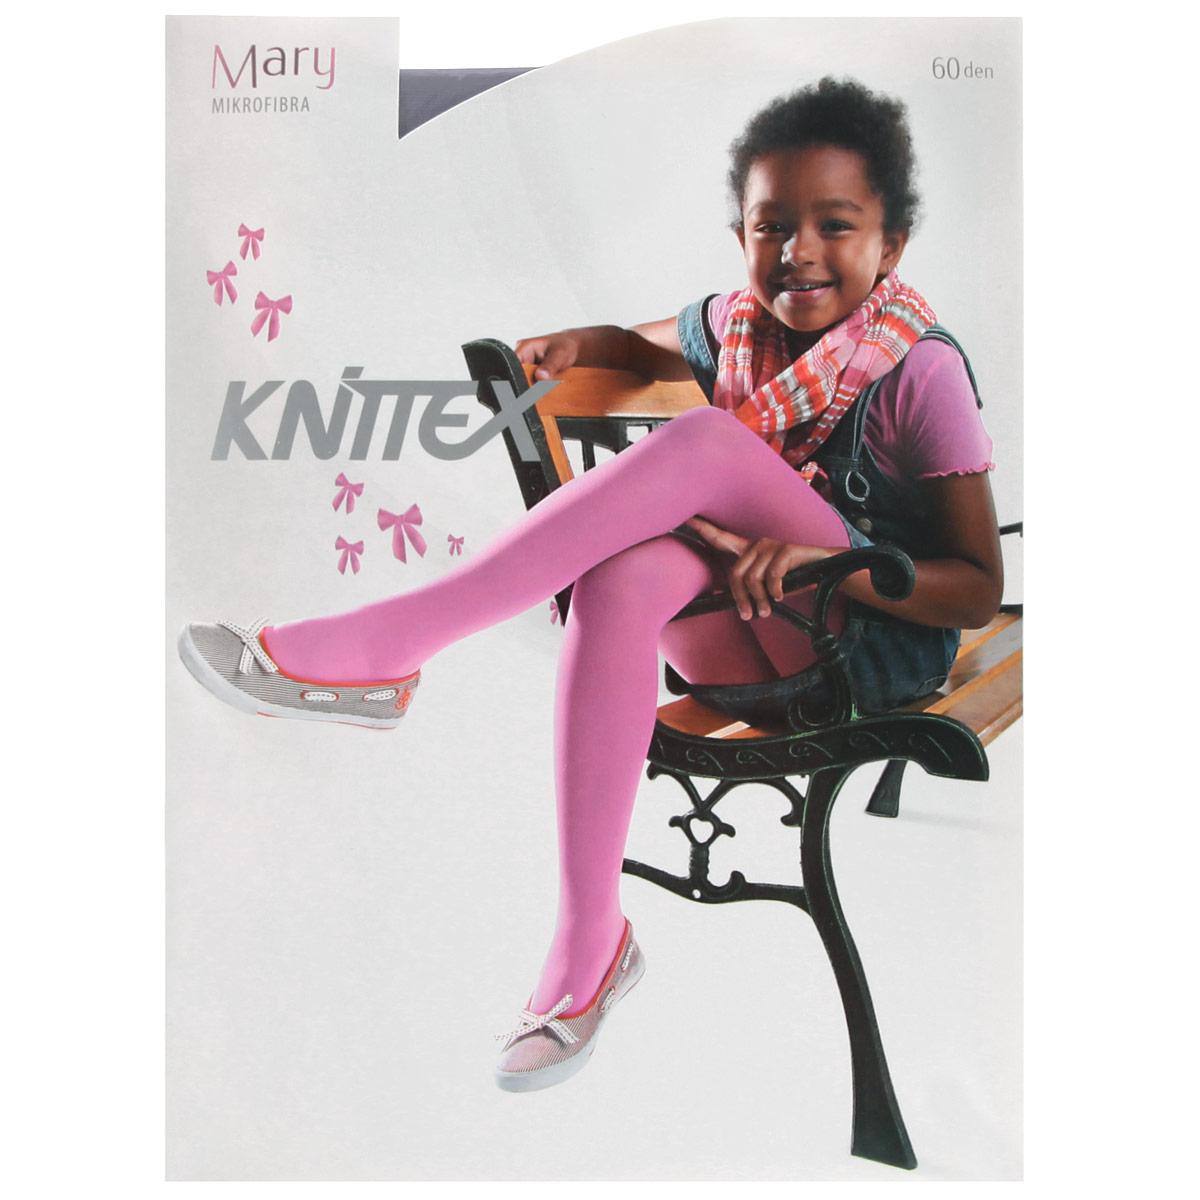 Колготки для девочки Miss MaryRDZMARY_1Классические детские колготки Knittex Miss Mary изготовлены специально для девочек. Мягкие и приятные на ощупь колготки имеют широкую резинку и комфортные плоские швы. Теплые и прочные, эти колготки равномерно облегают ножки, не сдавливая и не доставляя дискомфорта. Эластичные швы и мягкая резинка на поясе не позволят колготам сползать и при этом не будут стеснять движений. Входящие в состав ткани полиамид и эластан предотвращают растяжение и деформацию после стирки. Однотонная расцветка позволит сочетать эти колготки с любыми нарядами маленькой модницы. Классические колготки - это идеальное решение на каждый день для прогулки, школы, яслей или садика. Такие колготки станут великолепным дополнением к гардеробу вашей красавицы.